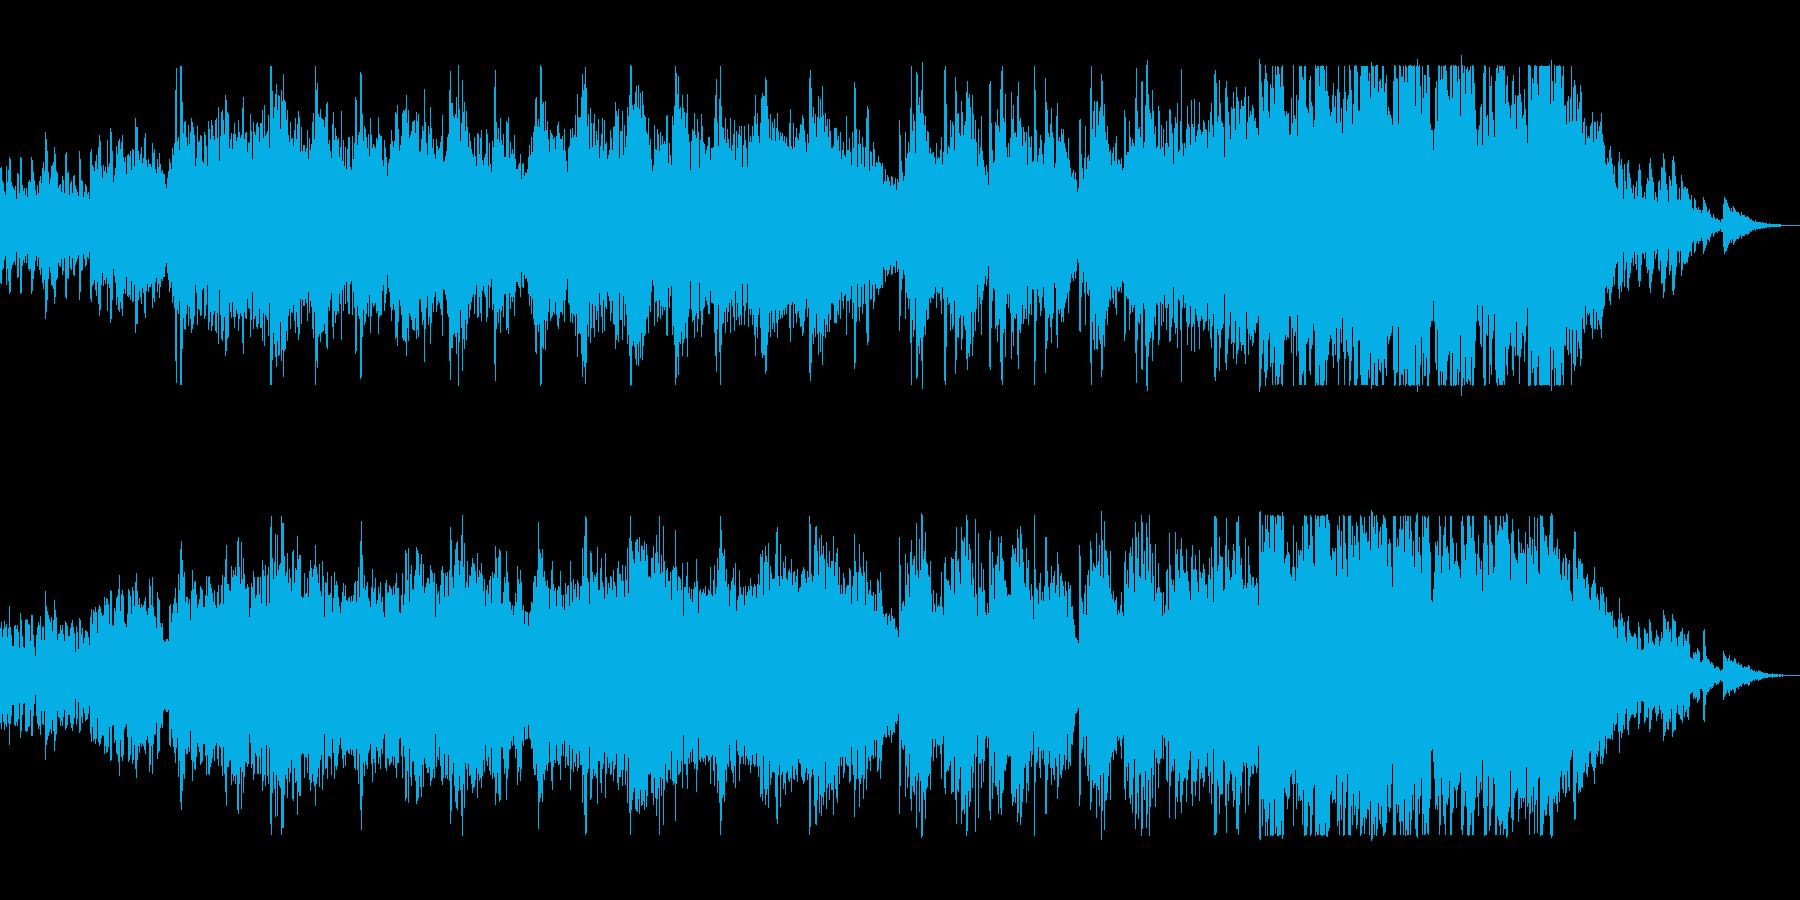 切ないピアノのメロディーが印象的の再生済みの波形